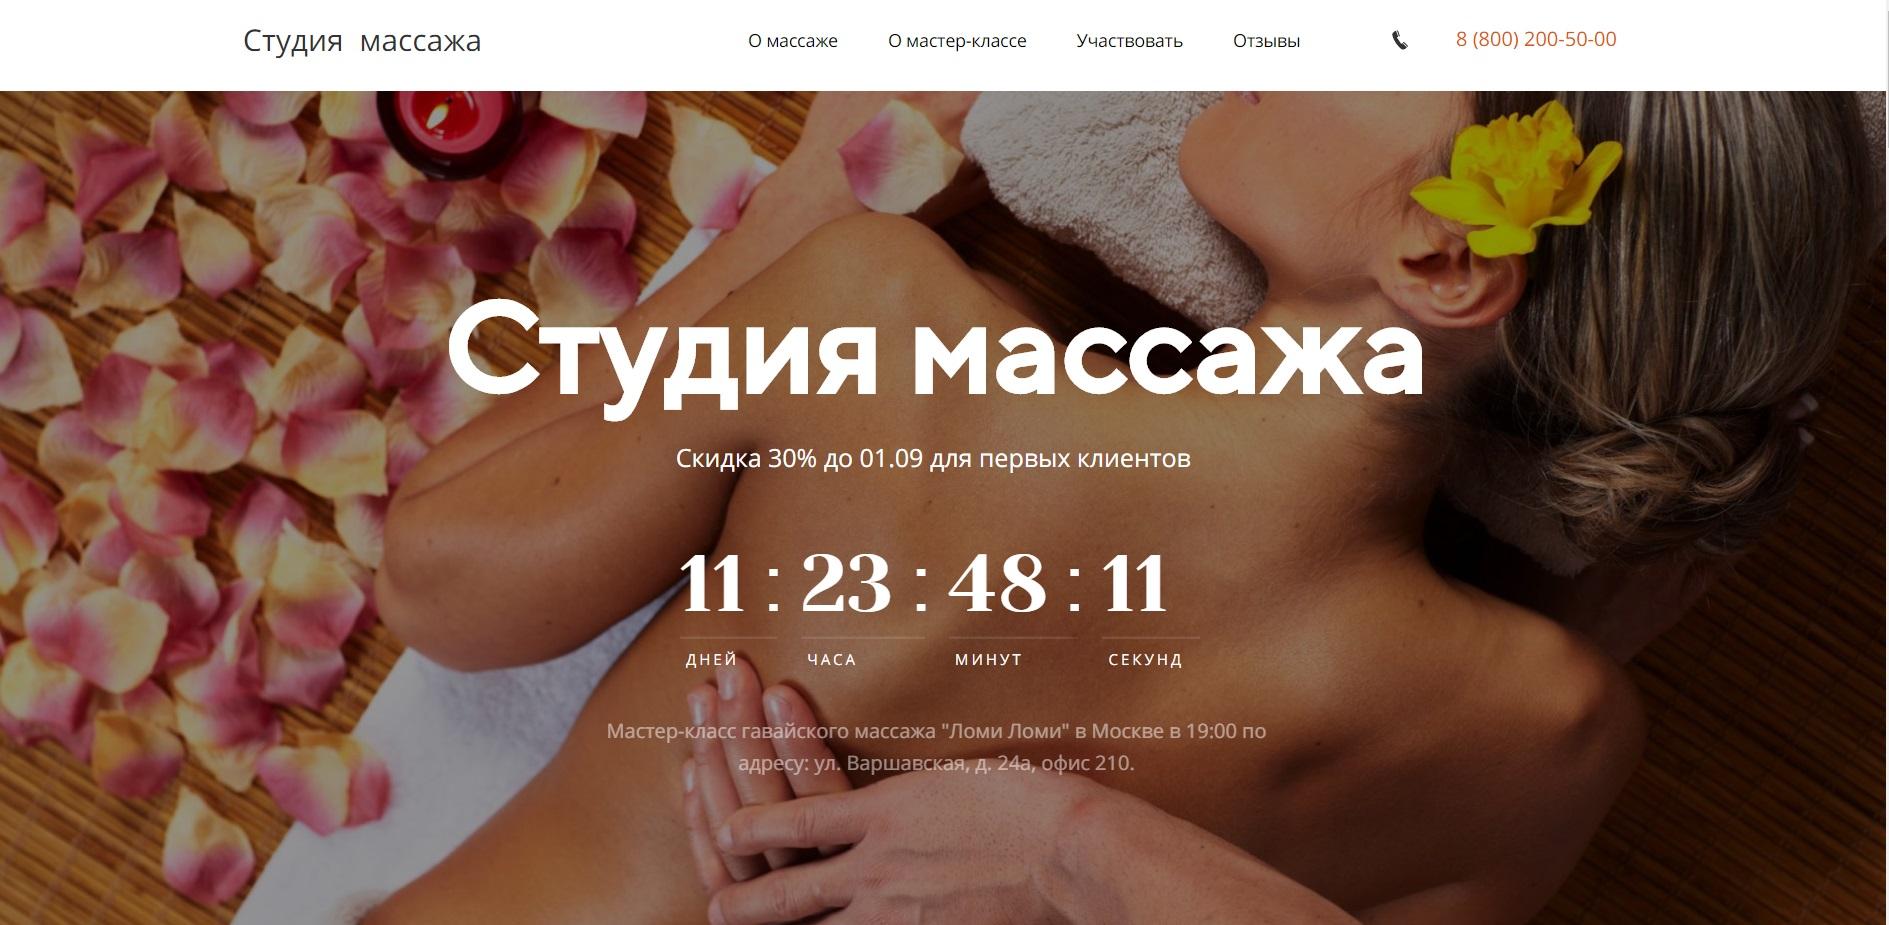 Фото Сайт студии массажа